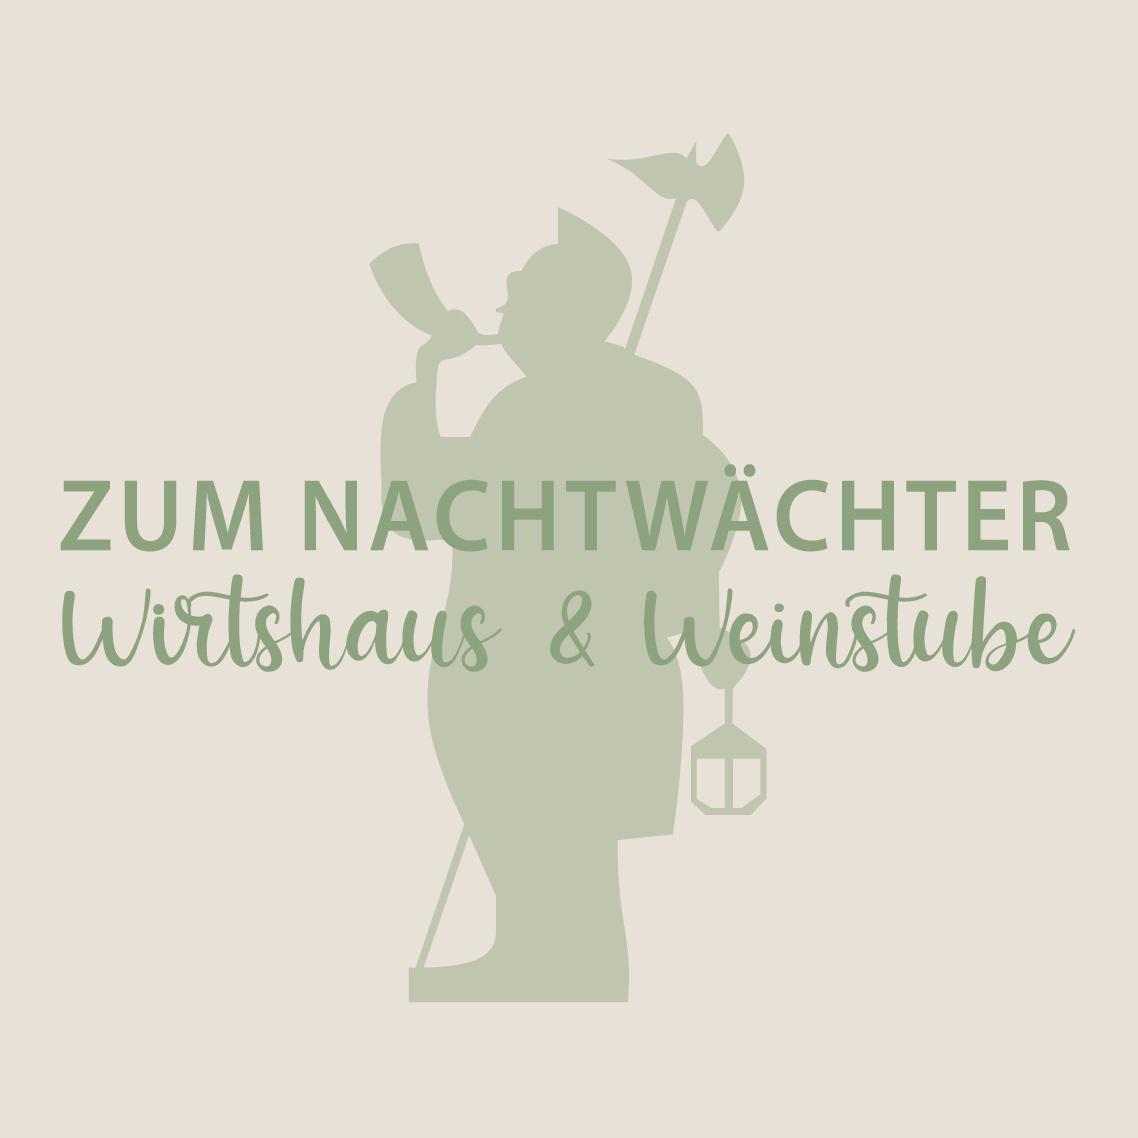 Zum Nachtwächter Wirtshaus & Weinstube Inh.: Markus Schmid